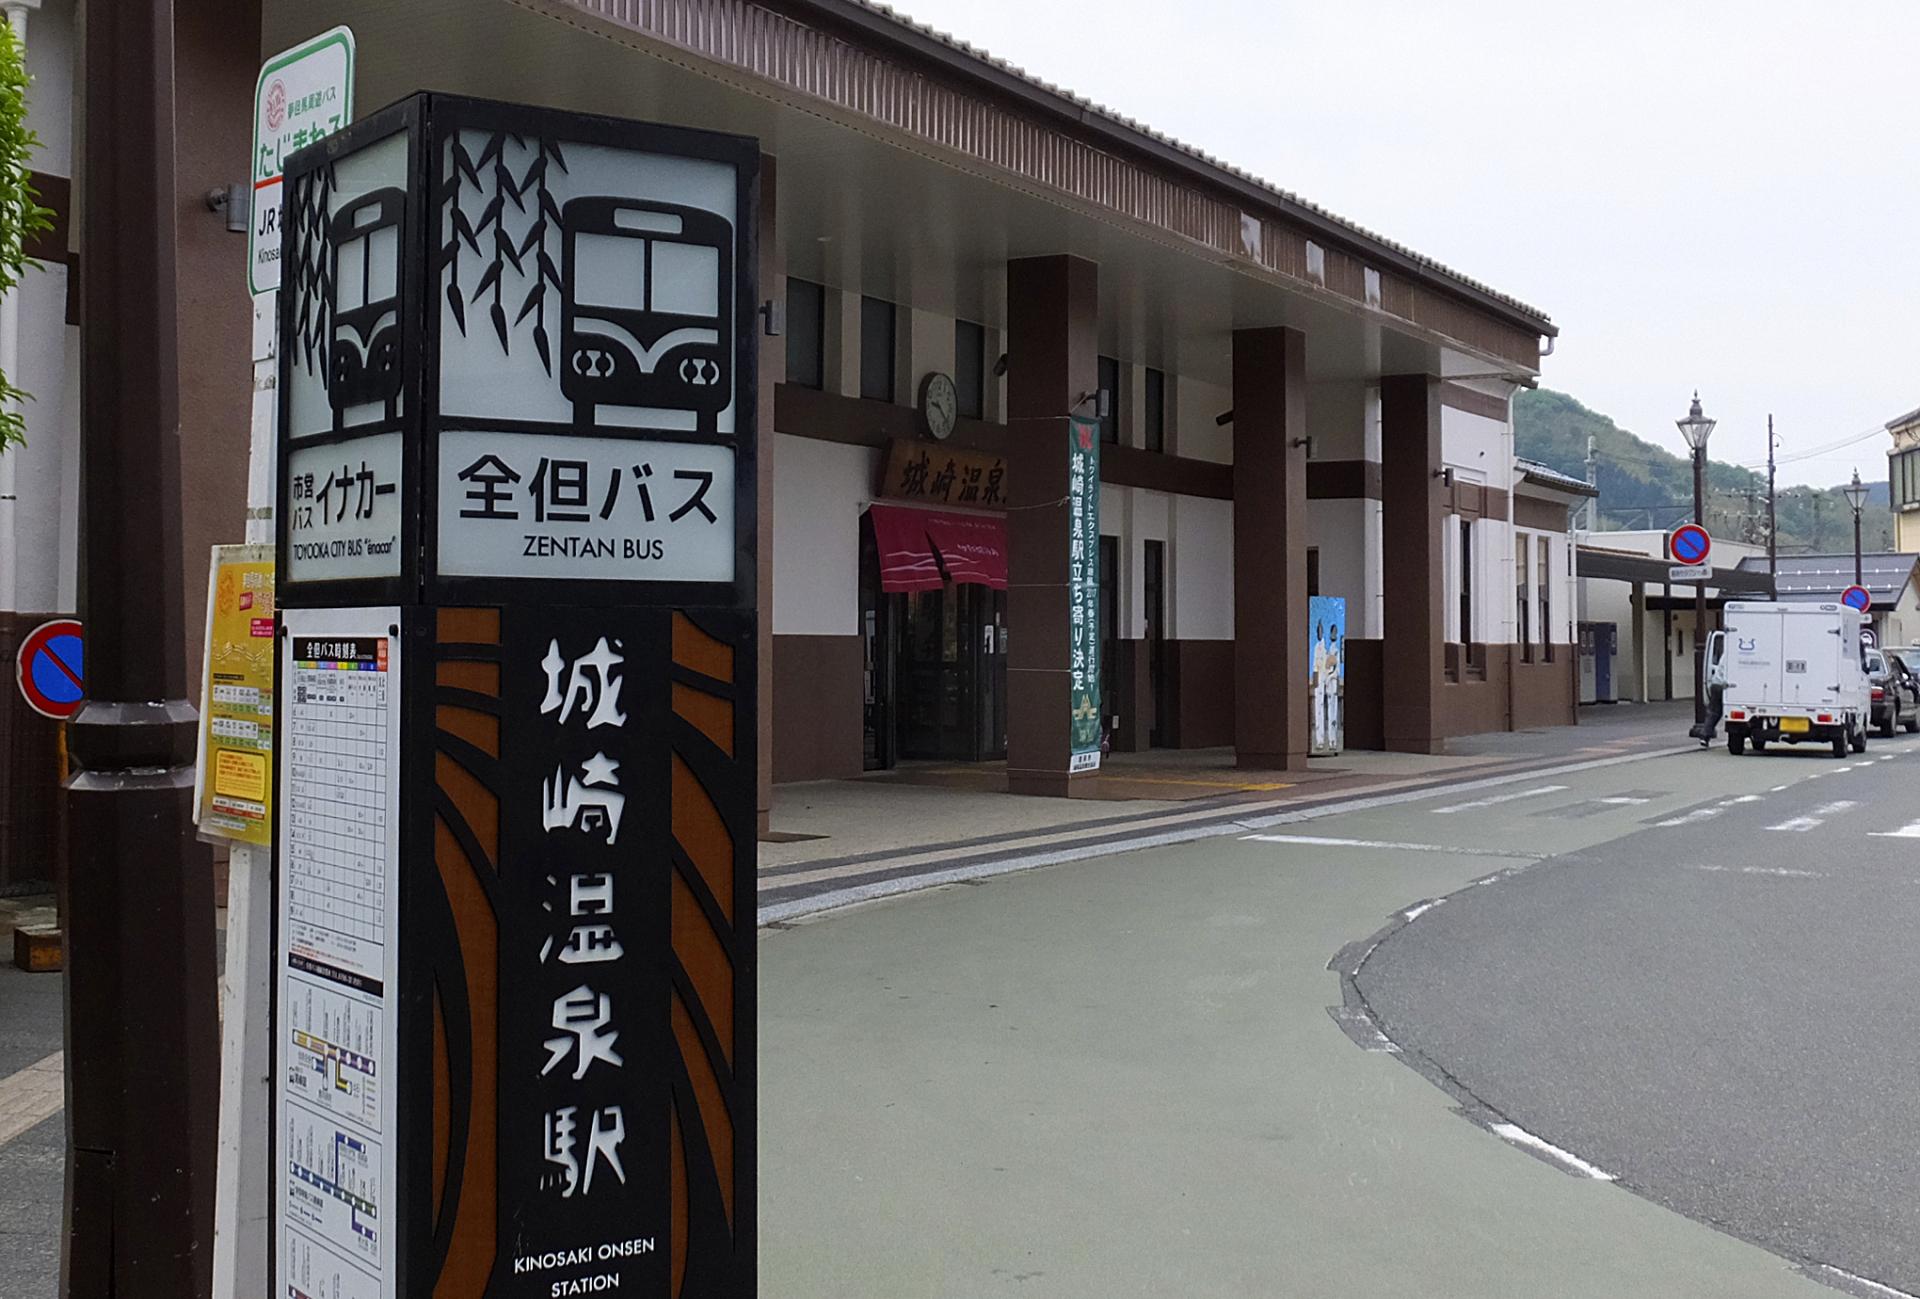 城崎温泉の観光マップや外湯めぐりに便利な観光協会の街ブラ地図